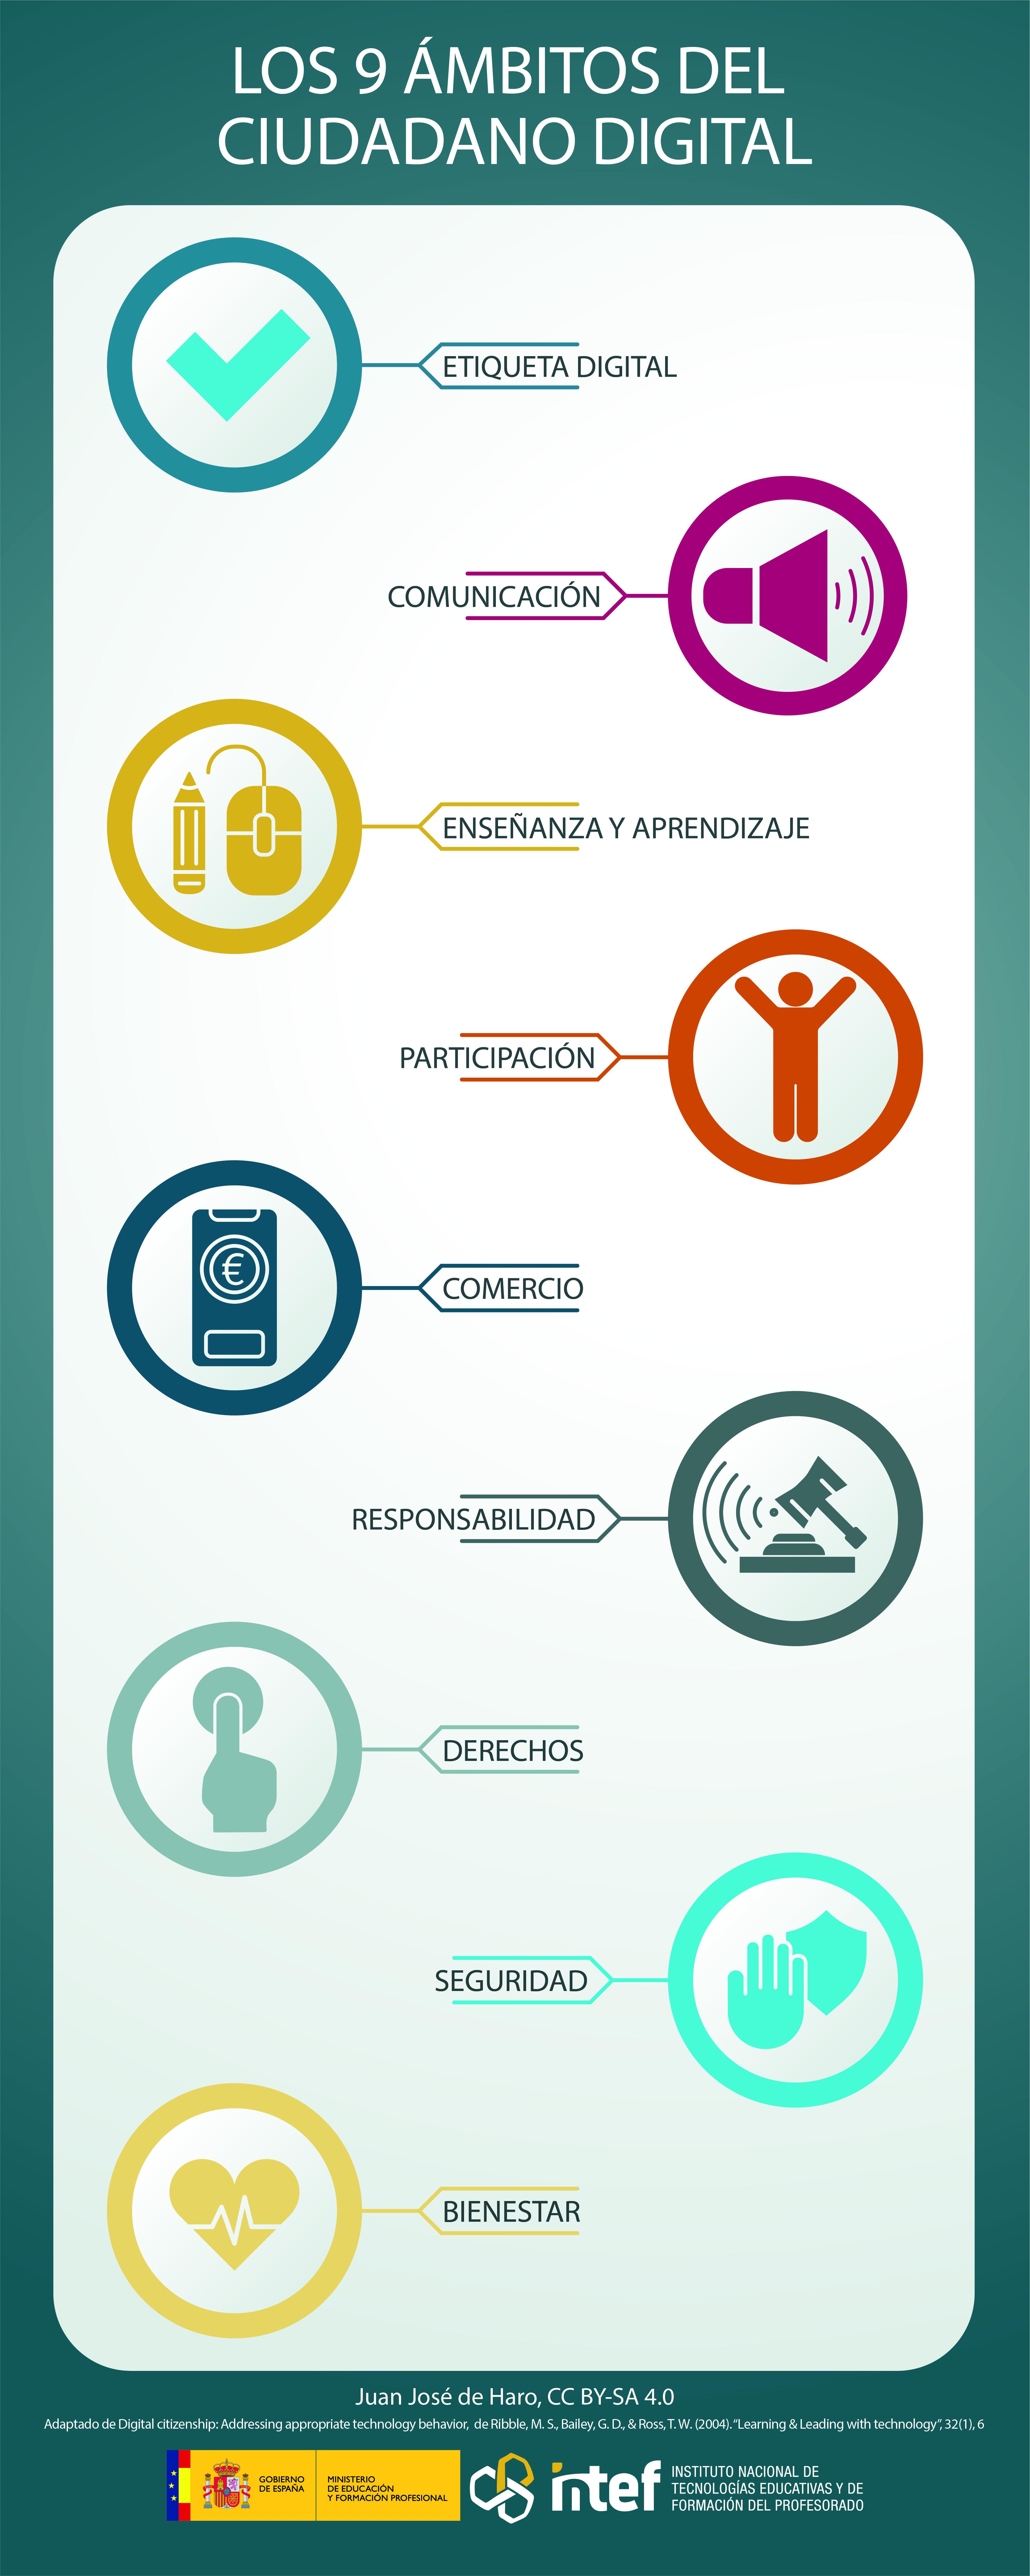 Infografía sobre los 9 ámbitos del ciudadano digital